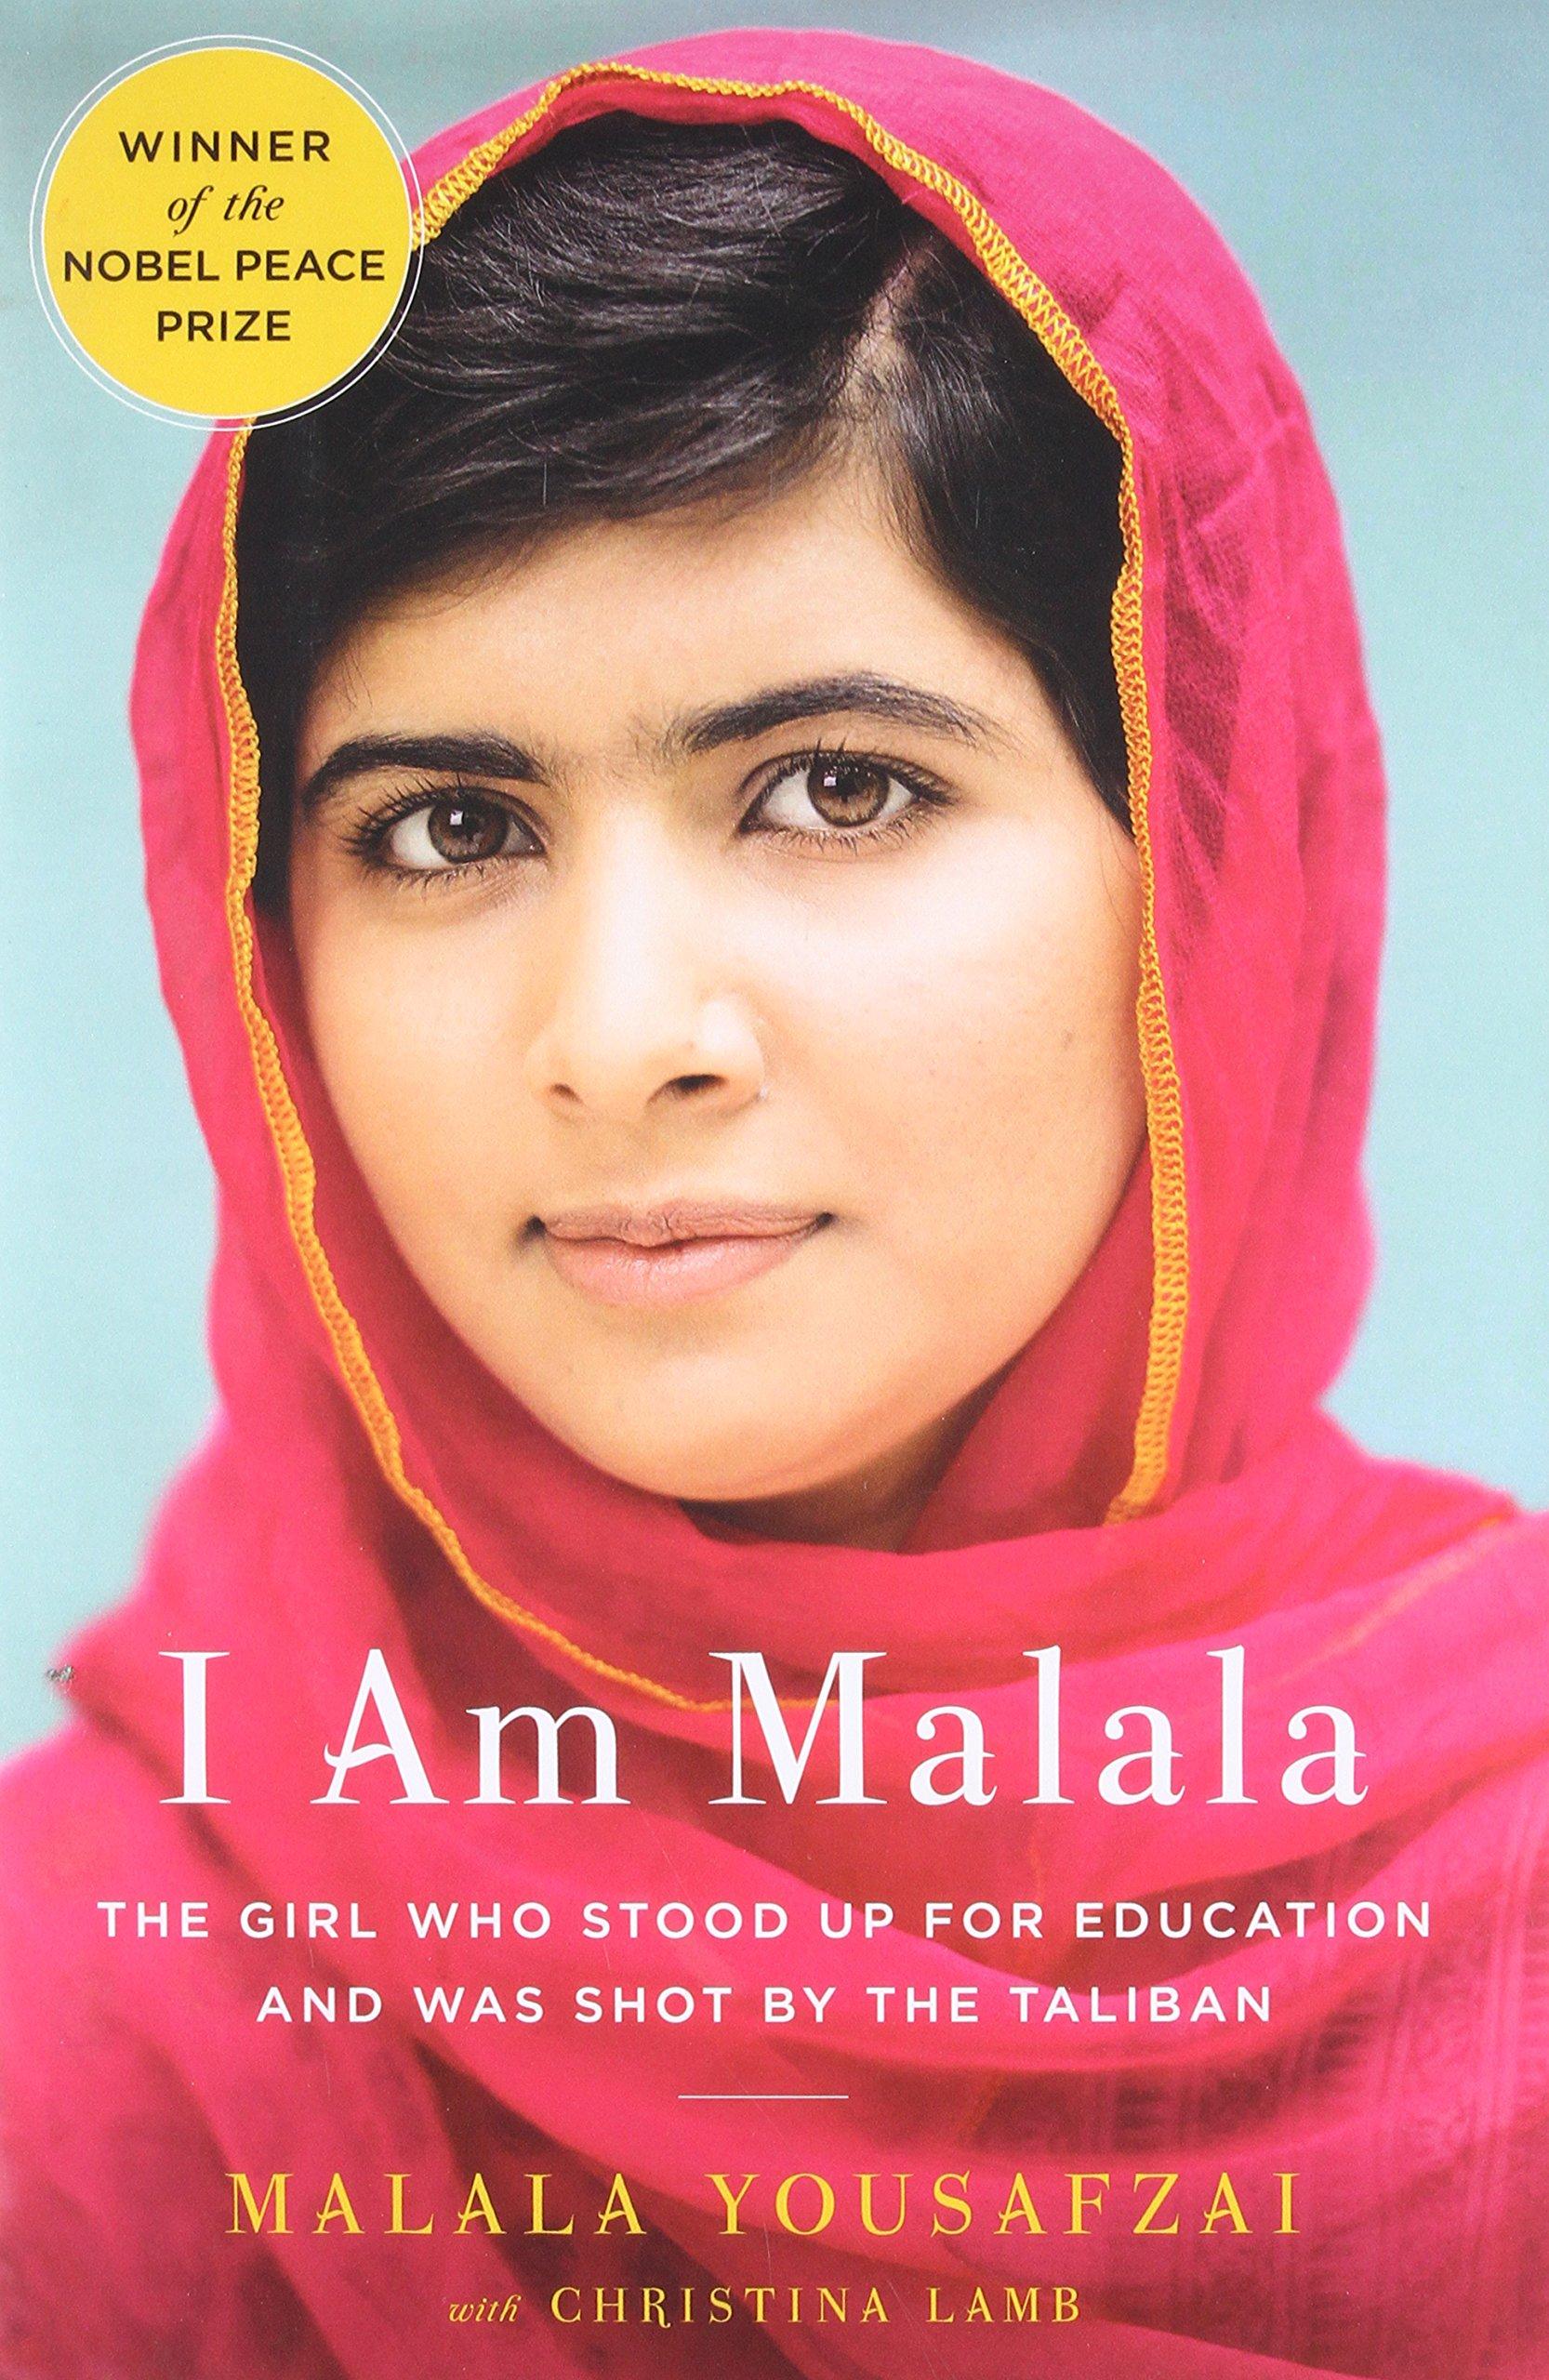 Inspiring Books For Young Women - I Am Malala by Malala Yousafzai